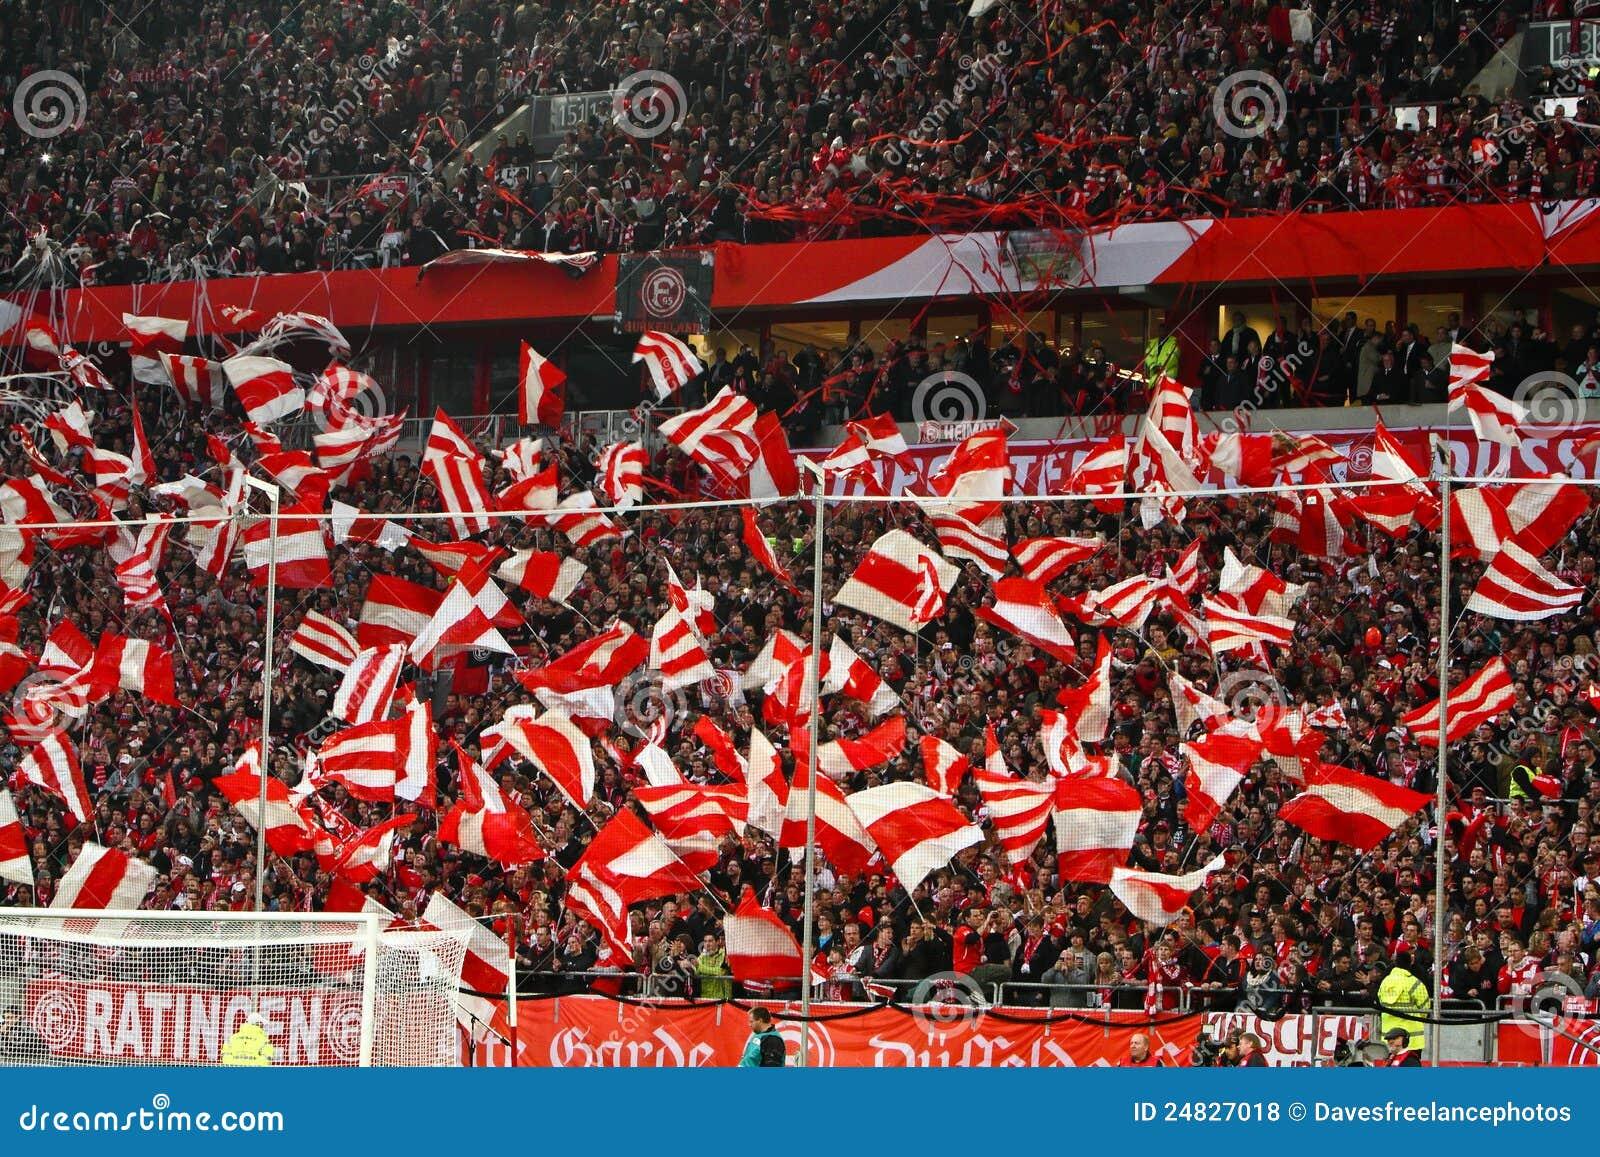 2017-18 Season Preview: Hertha Berlin — Keep Calm and Trust Preetz and Dardai